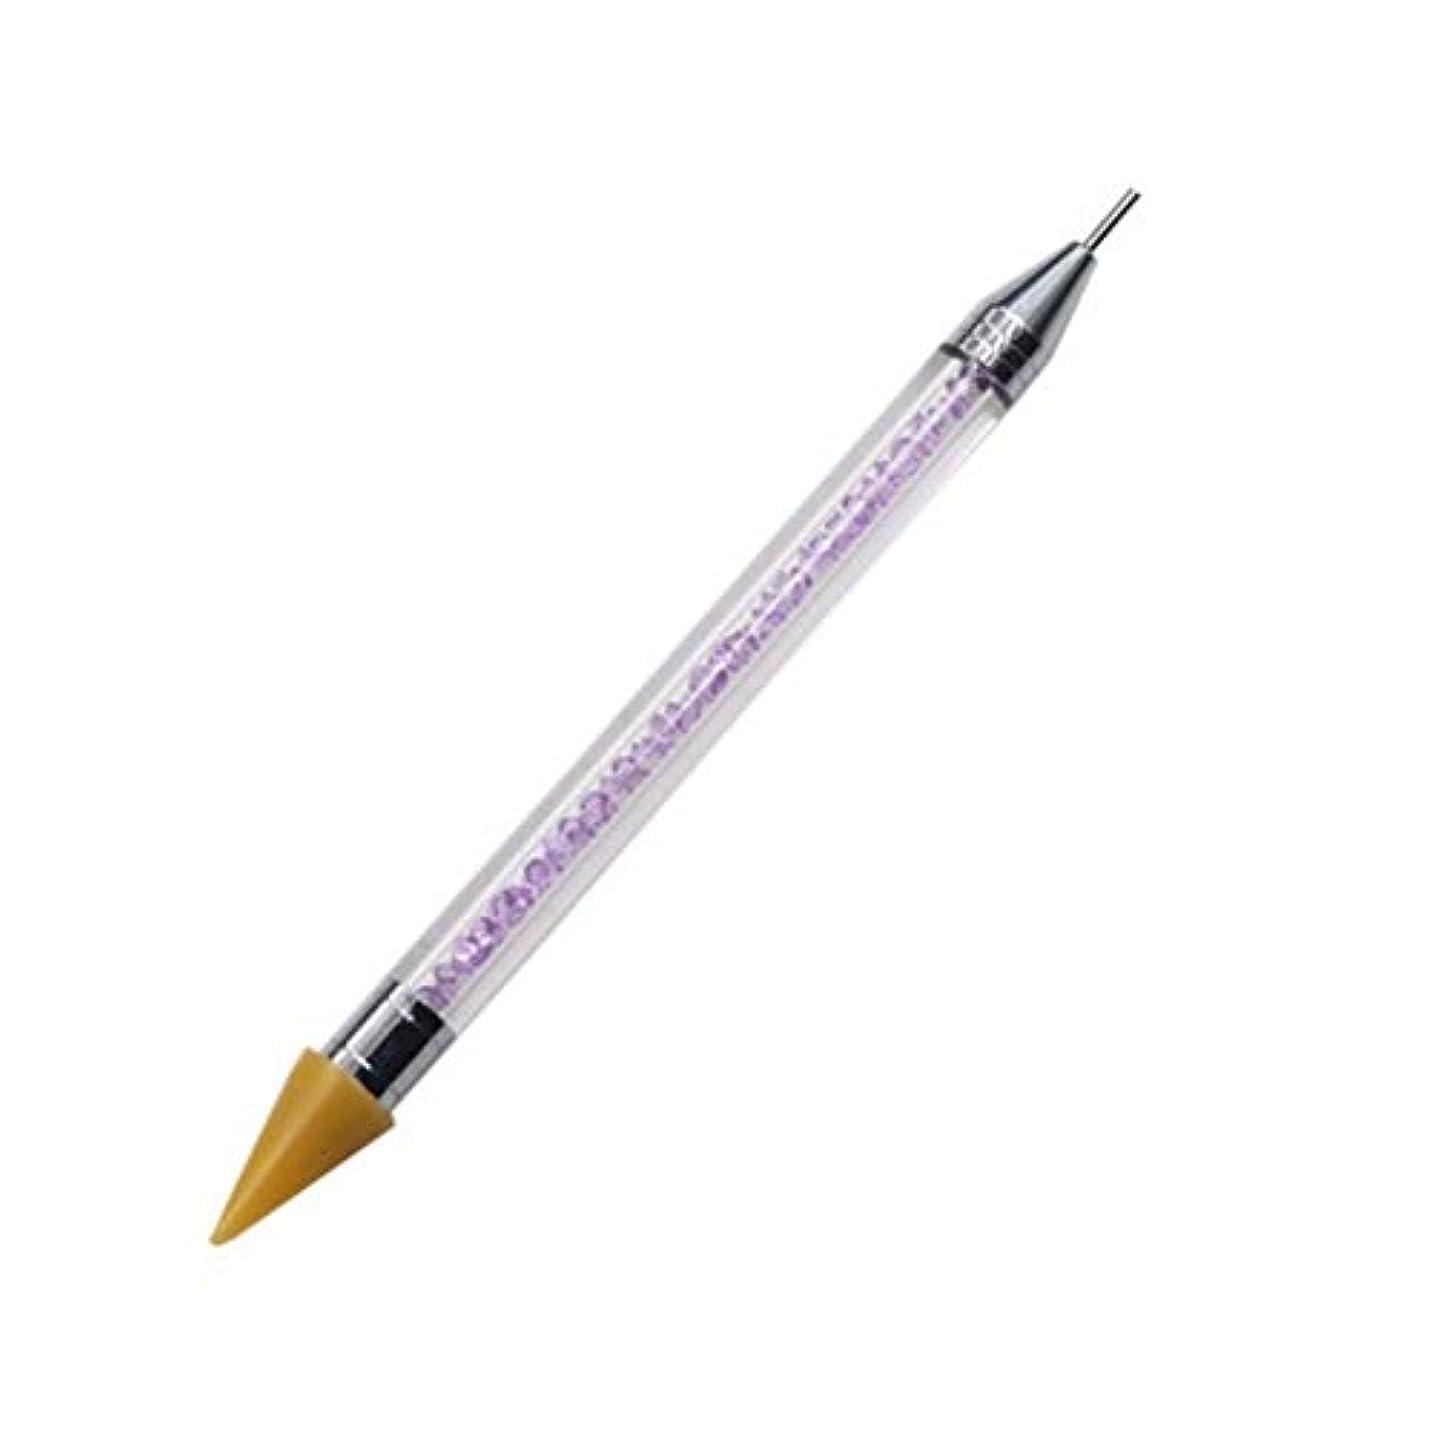 飢永久にそうでなければネイルペン DIY デュアルエンド 絵画ツール ペン ネイル筆 ネイルアートペン ネイルアートブラシ マニキュアツールキット ネイルツール ネイル用品 ラインストーンピッカー点在ペン マニキュアネイルアート DIY 装飾ツール